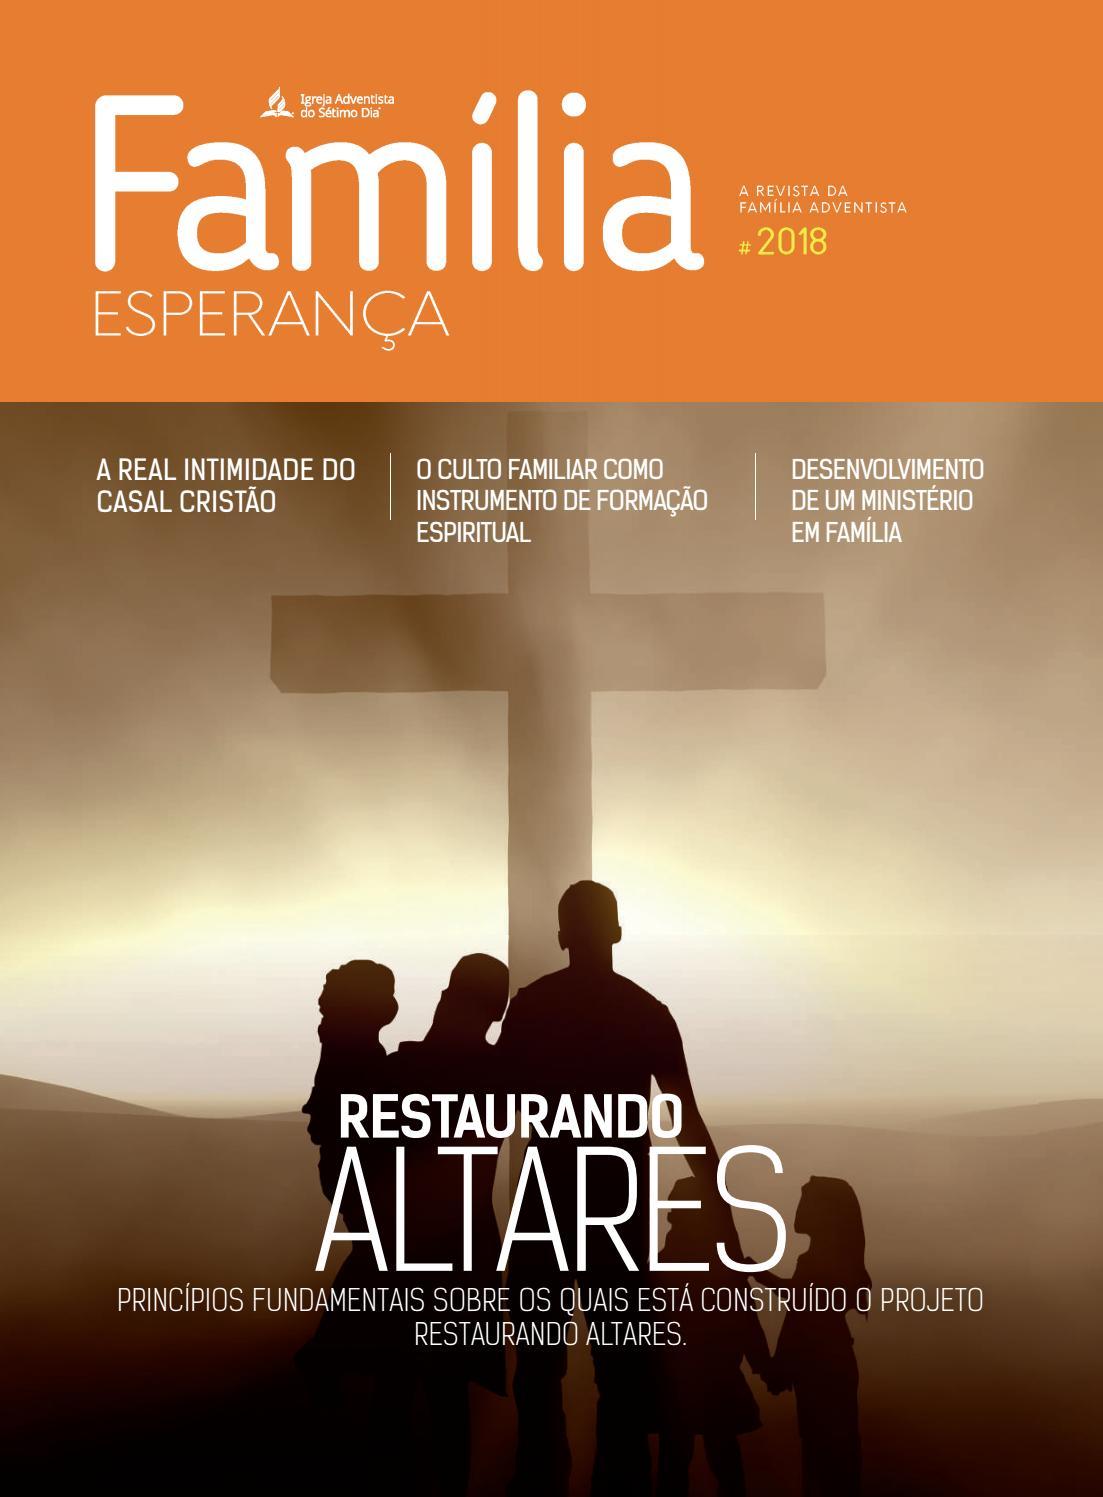 Revista Familia Esperanca 2018 By Igreja Adventista Do Setimo Dia